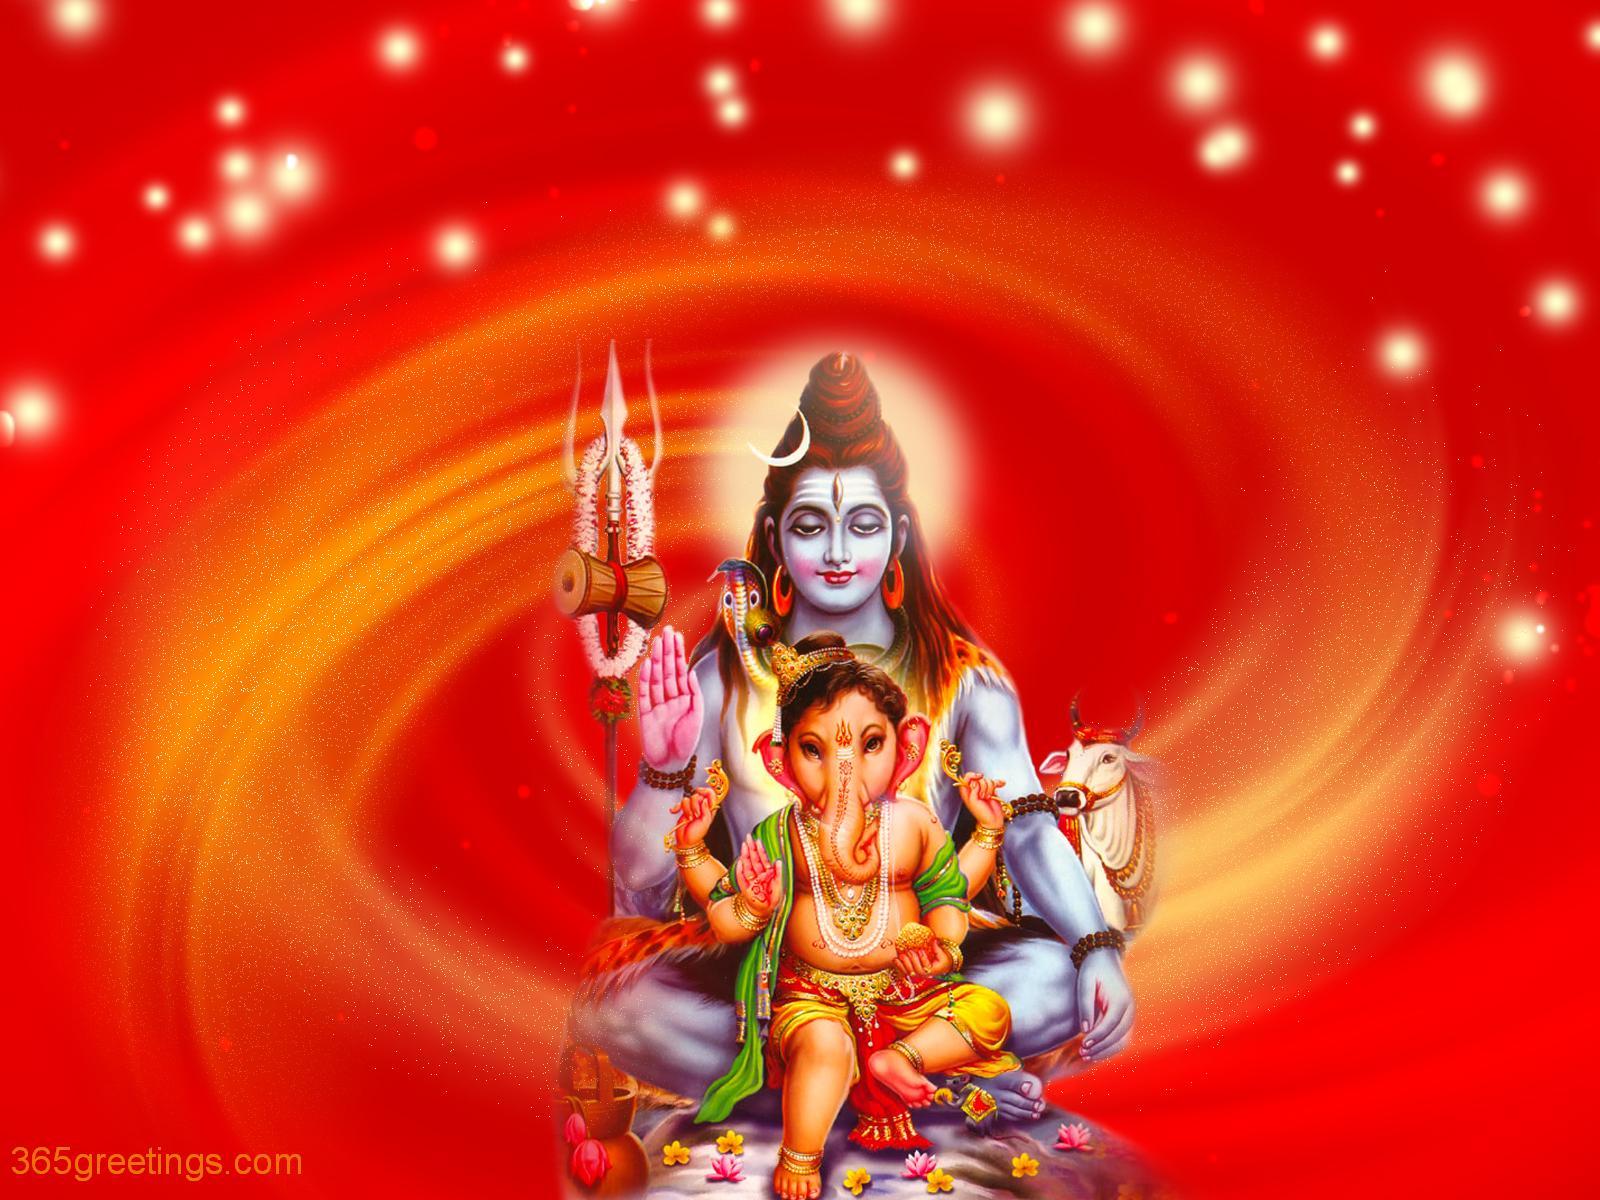 Hd wallpaper shivji - New lord shiva wallpapers ...